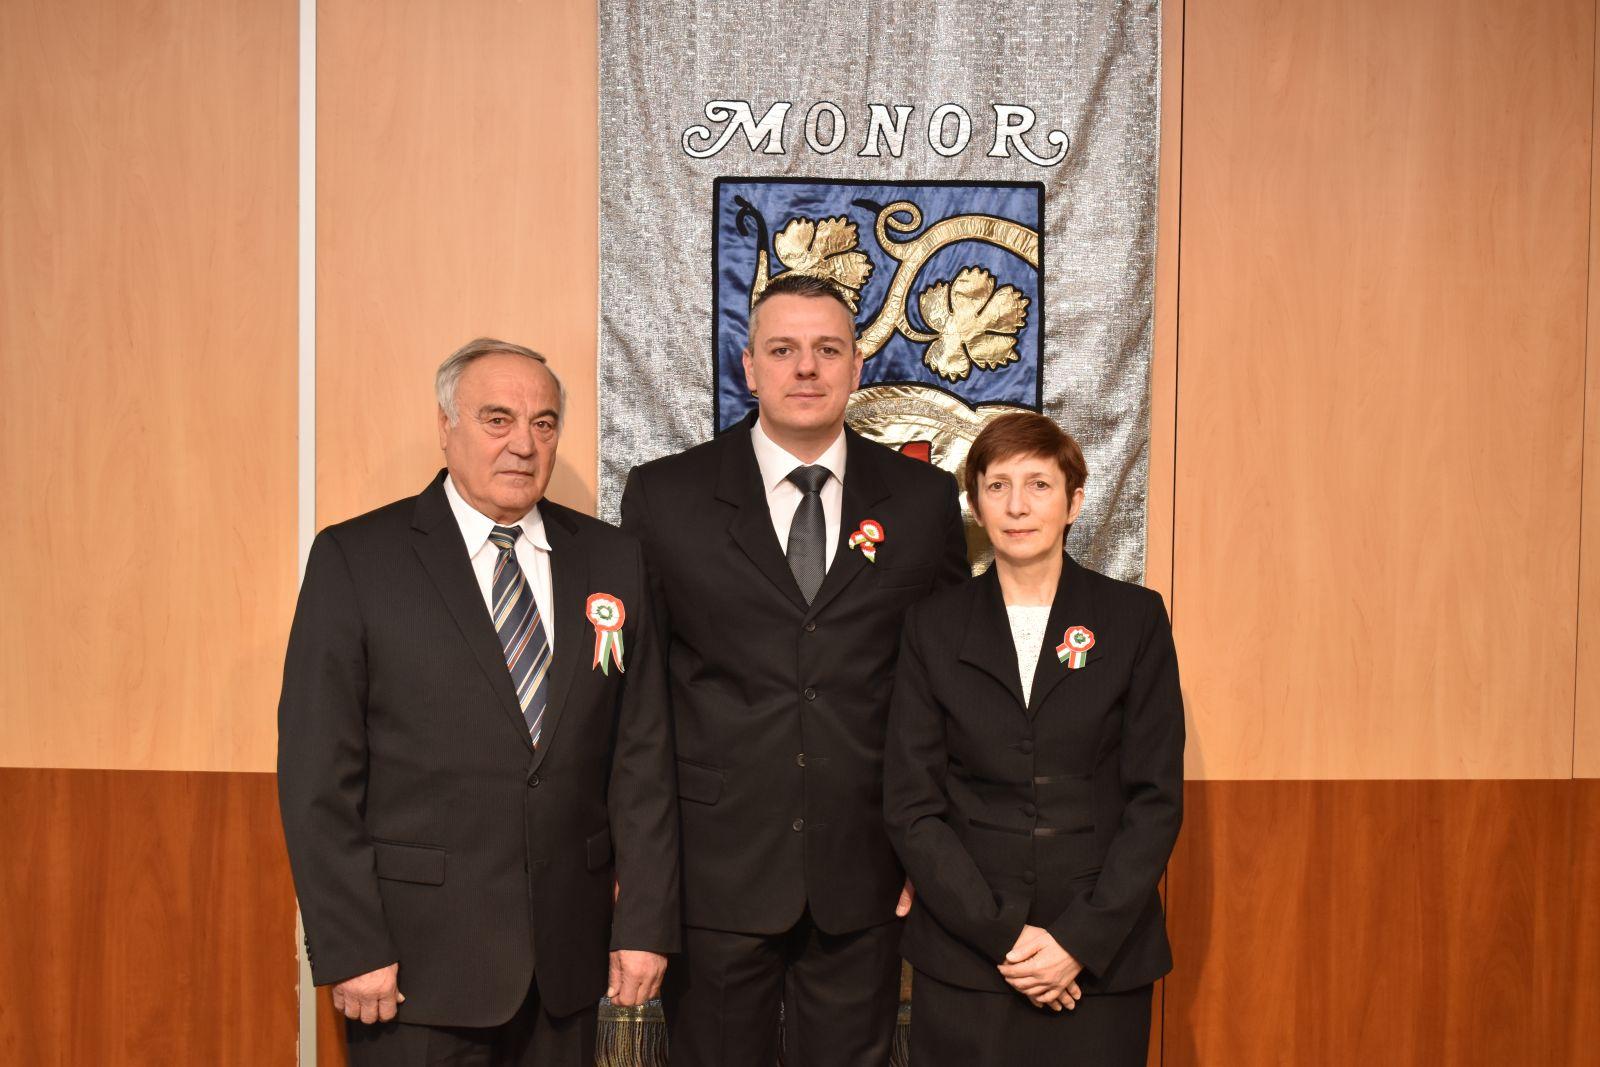 Méltó megemlékezés és a városi kitüntetések átadása a nemzeti ünnep alkalmából Monoron